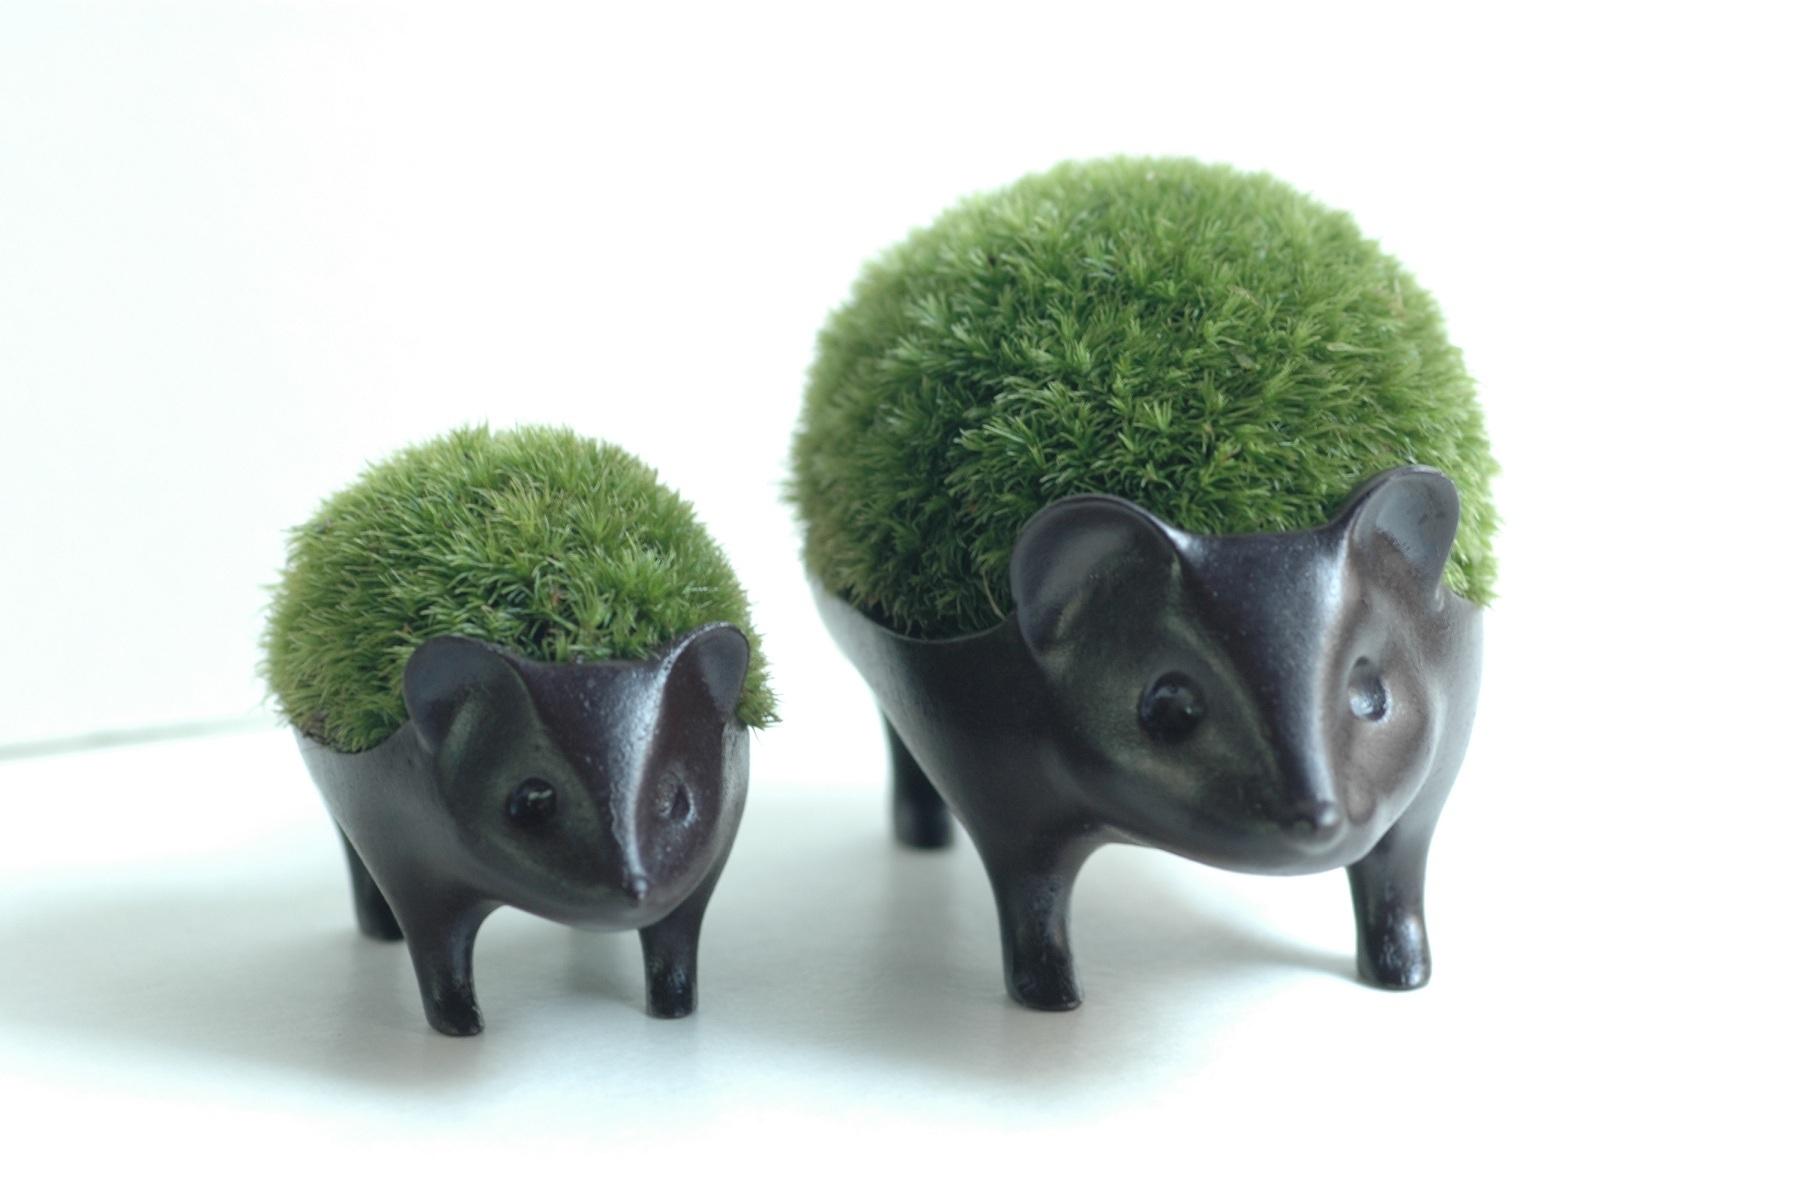 苔盆栽 はりねずみ 子7,020円/親10,800円(税込) 青々と茂った苔を背負った手のひらサイズの可愛い苔盆栽。 富山の鋳物メーカー「能作」とのコラボレーションから生まれました。